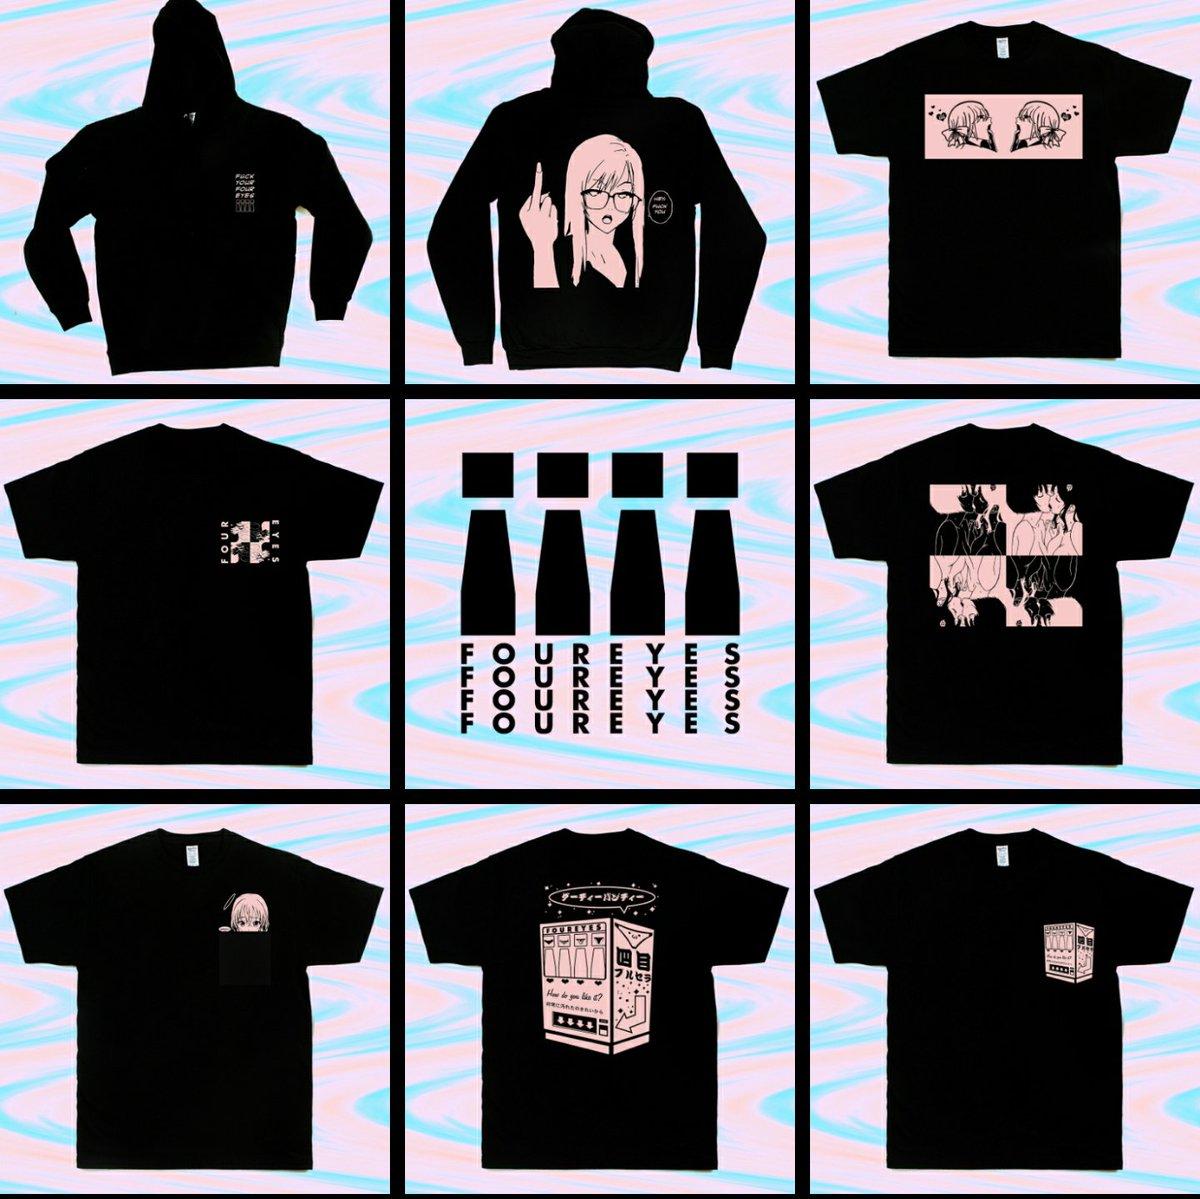 Iiii Clothing On Twitter Volume 3 P Iiii Nk April 1st 12am Https